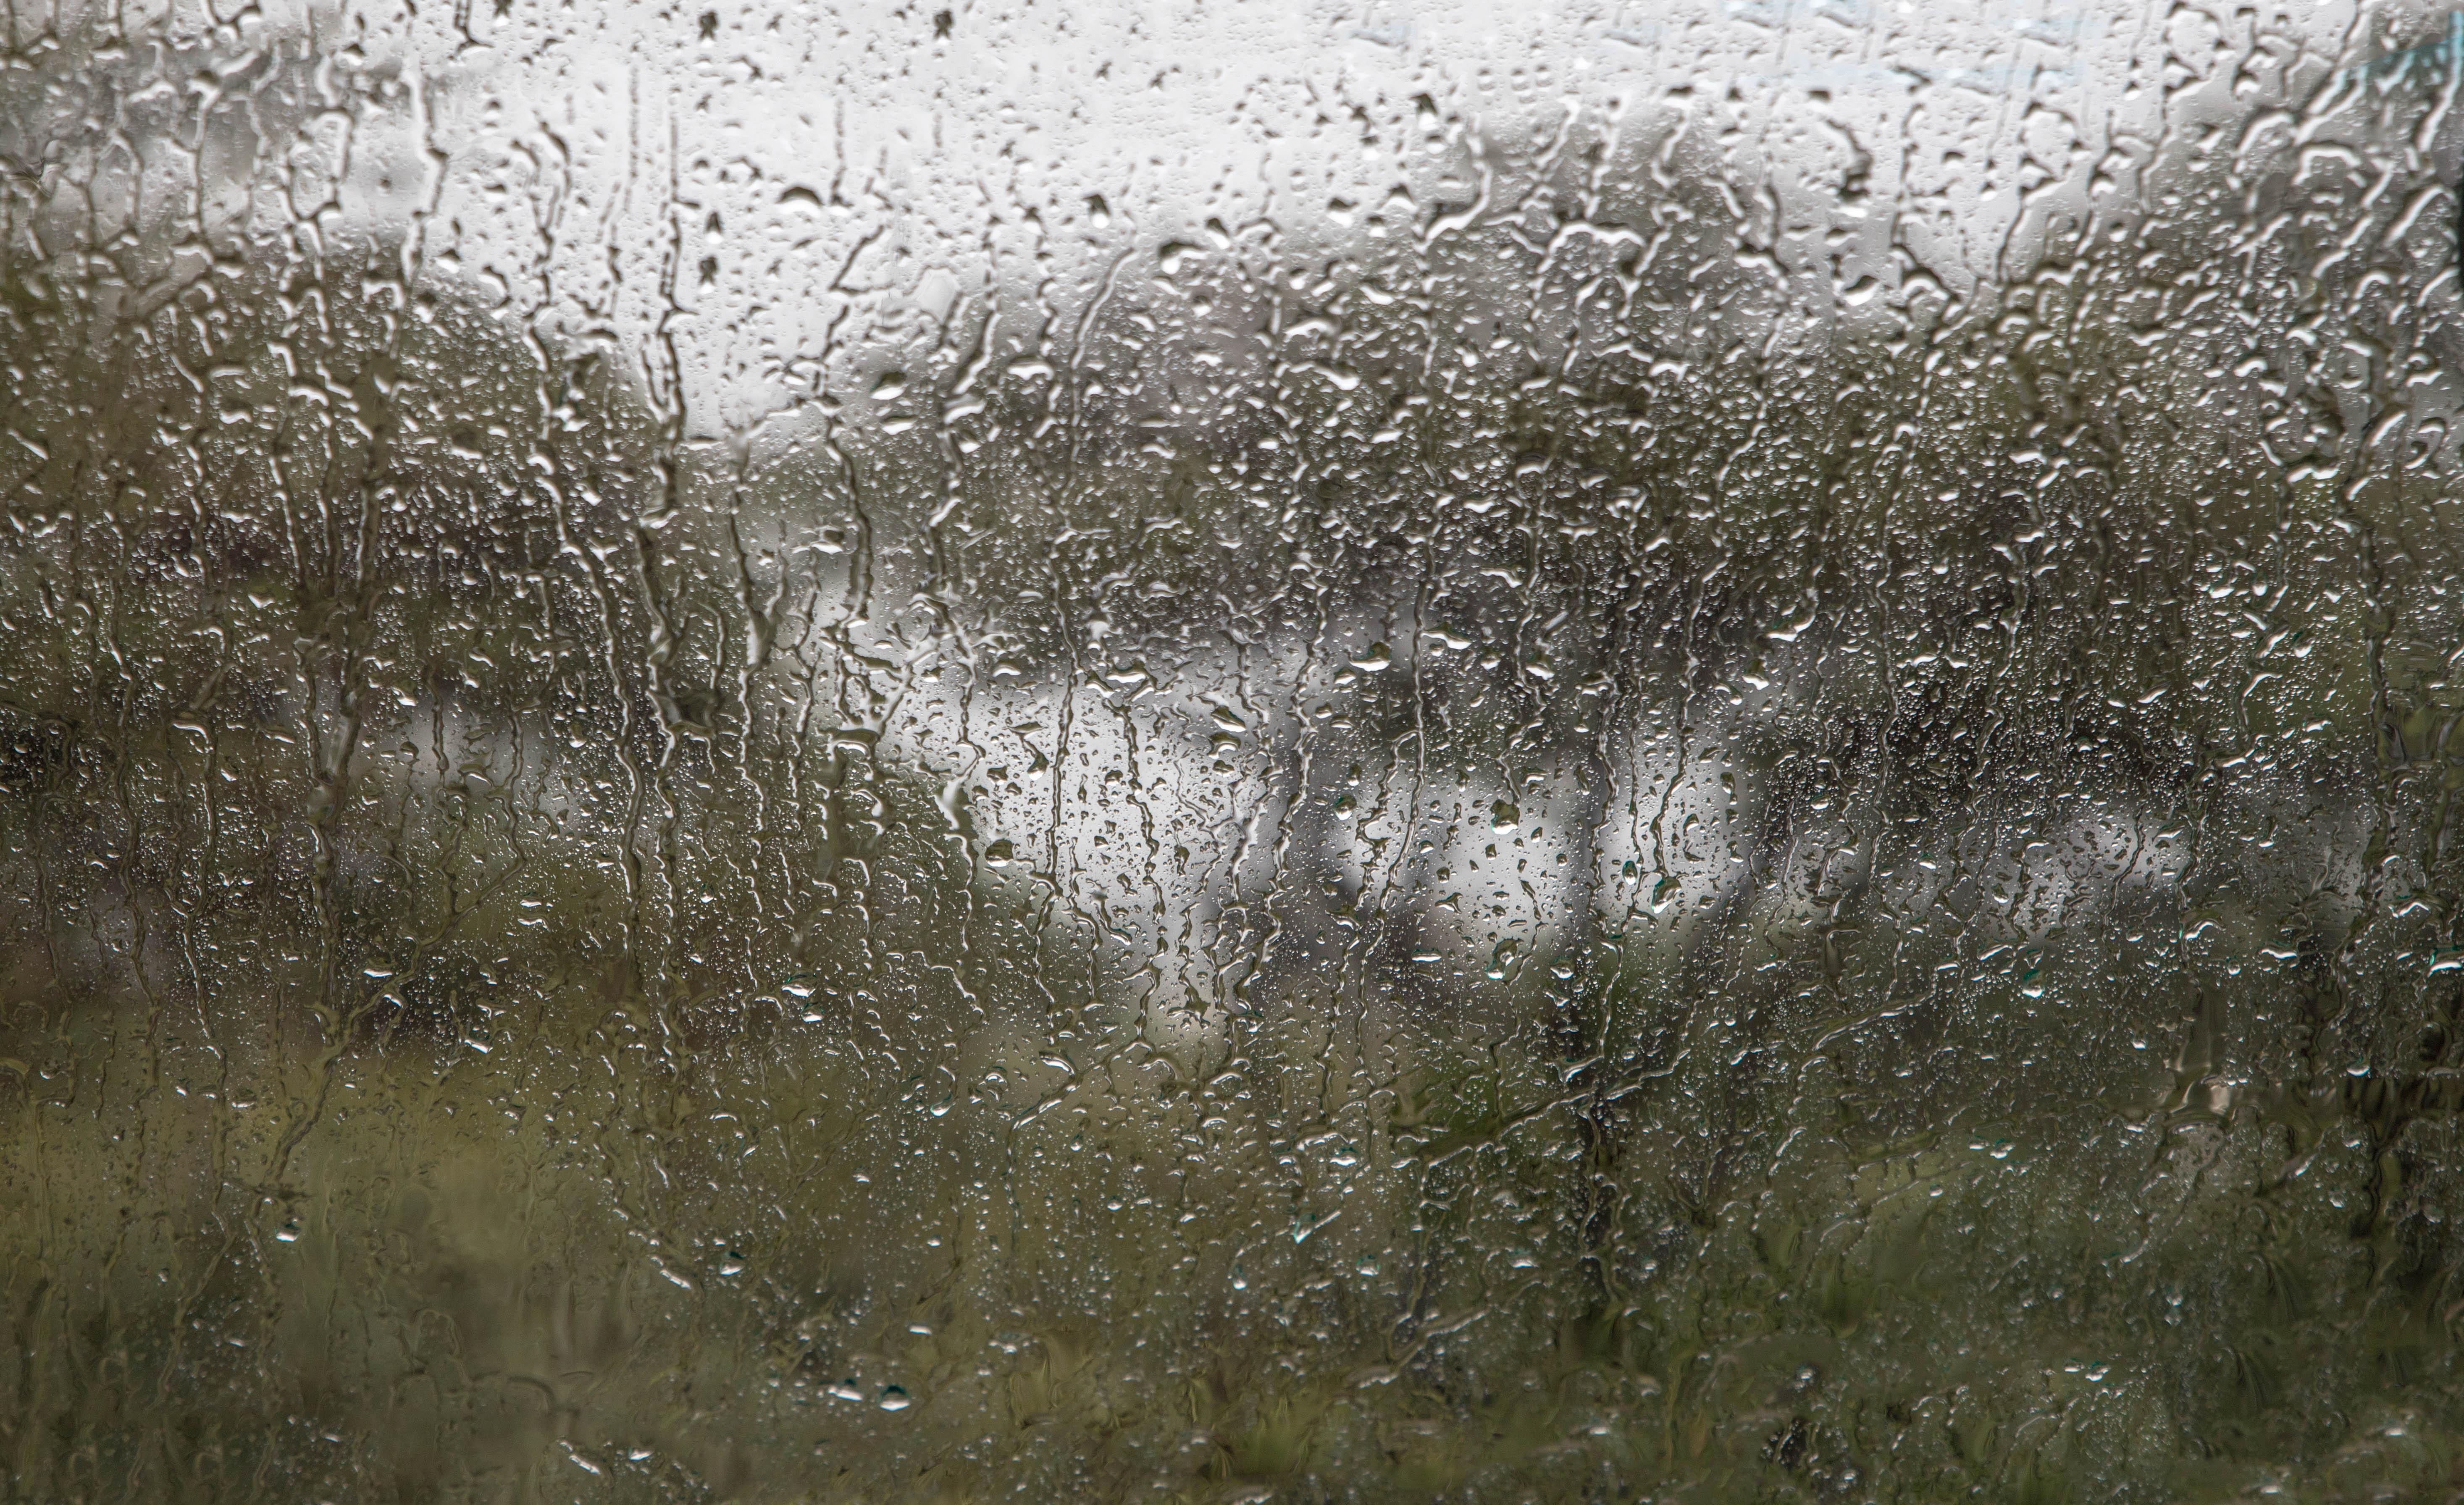 Afrikanischer Regen